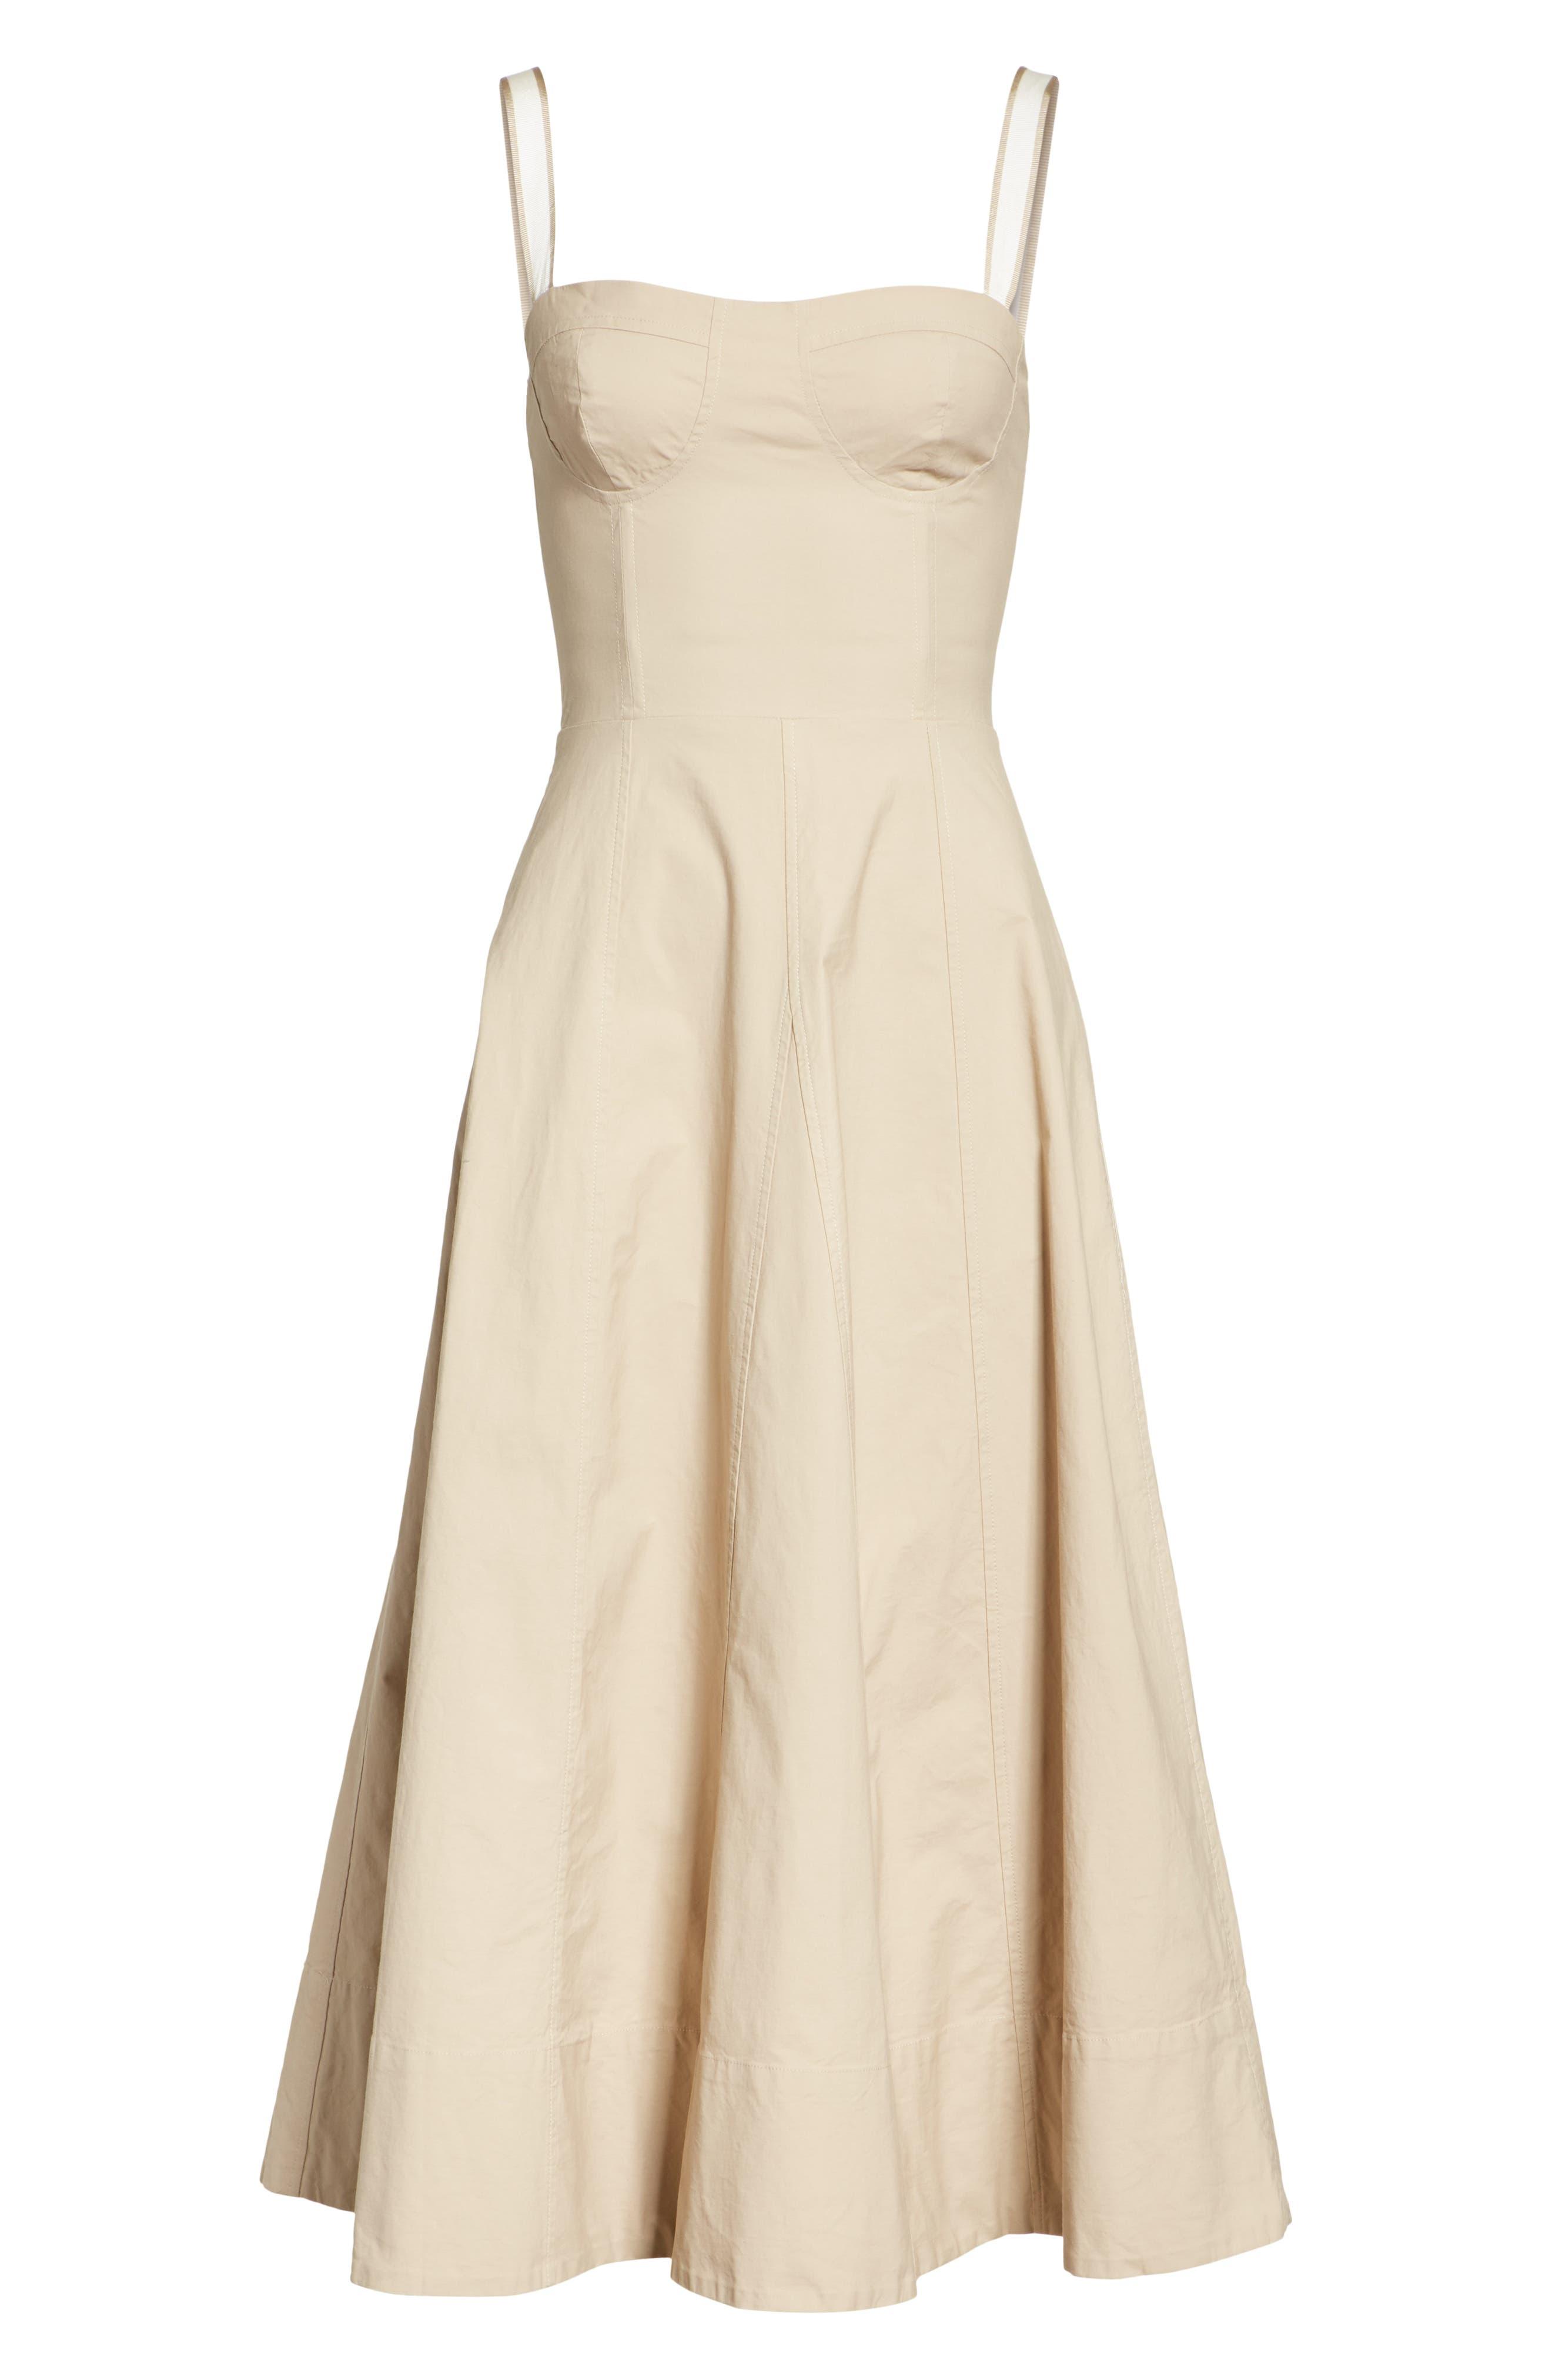 JOIE, Briel Midi Dress, Alternate thumbnail 6, color, 253